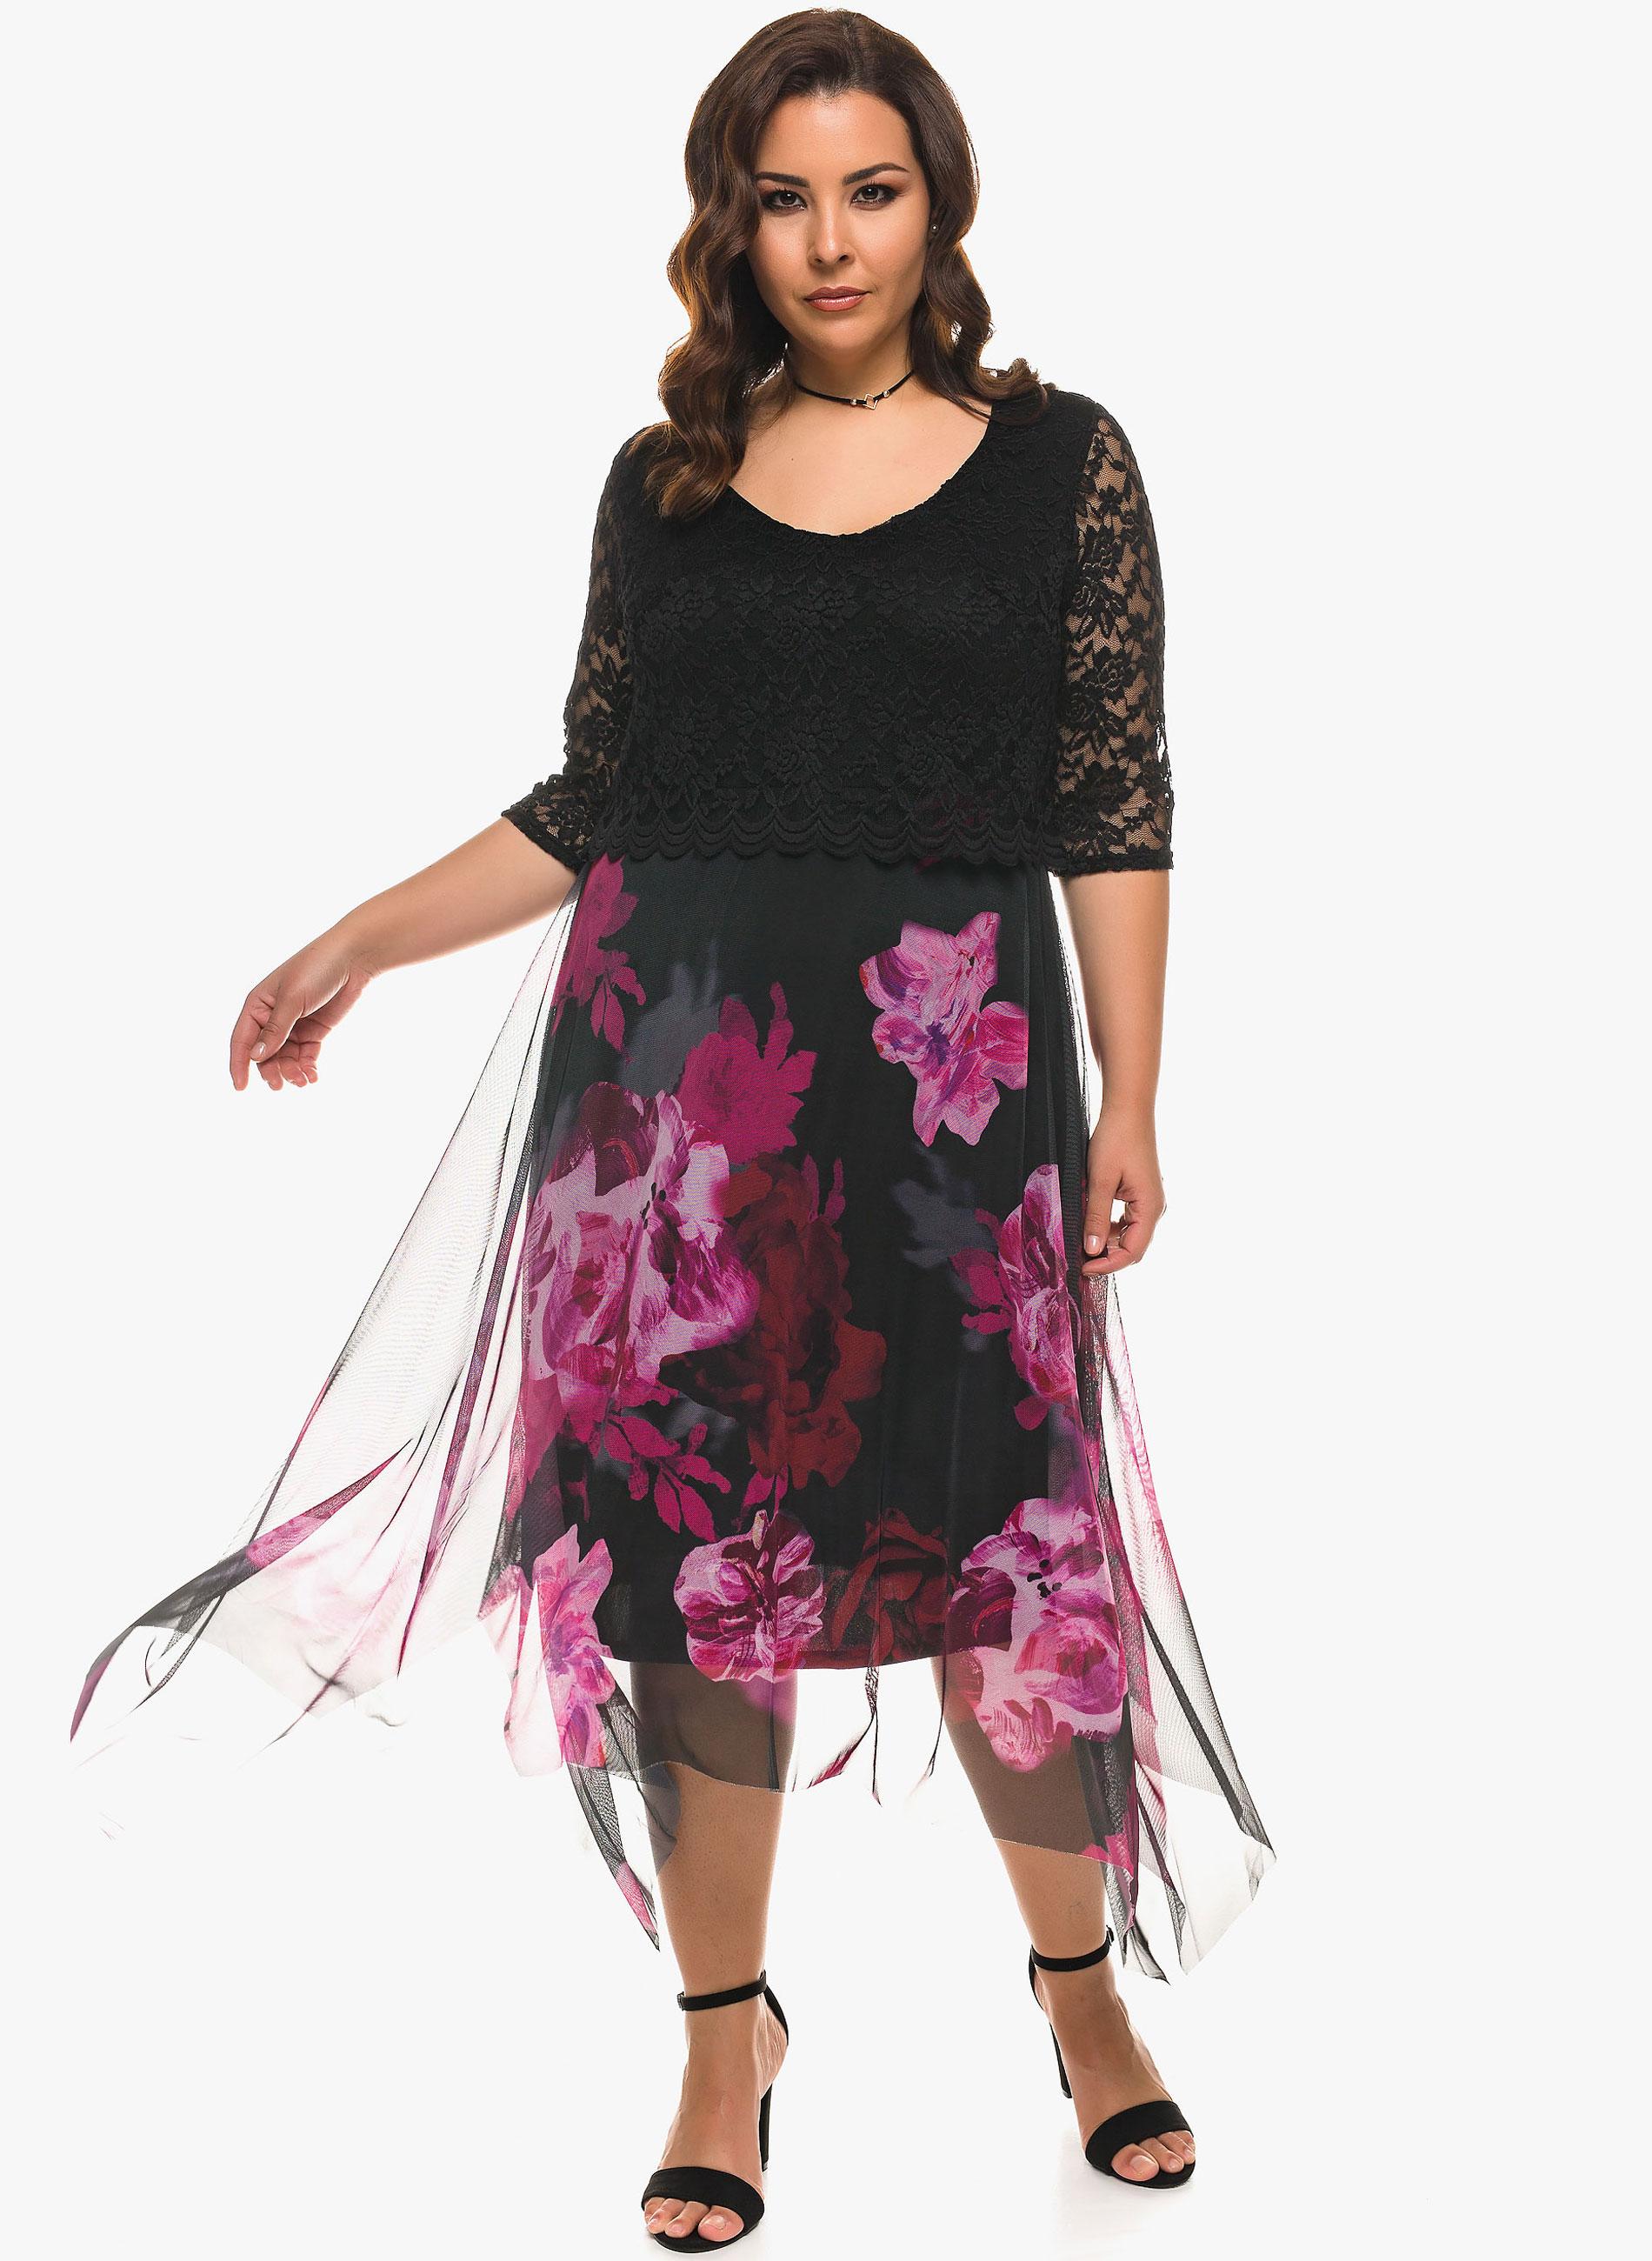 ade0ebac3935 ΜΕΓΑΛΑ ΜΕΓΕΘΗ ΦΟΡΕΜΑΤΑ    Φόρεμα Floral Δαντέλα - Μόδα σε μεγάλα ...